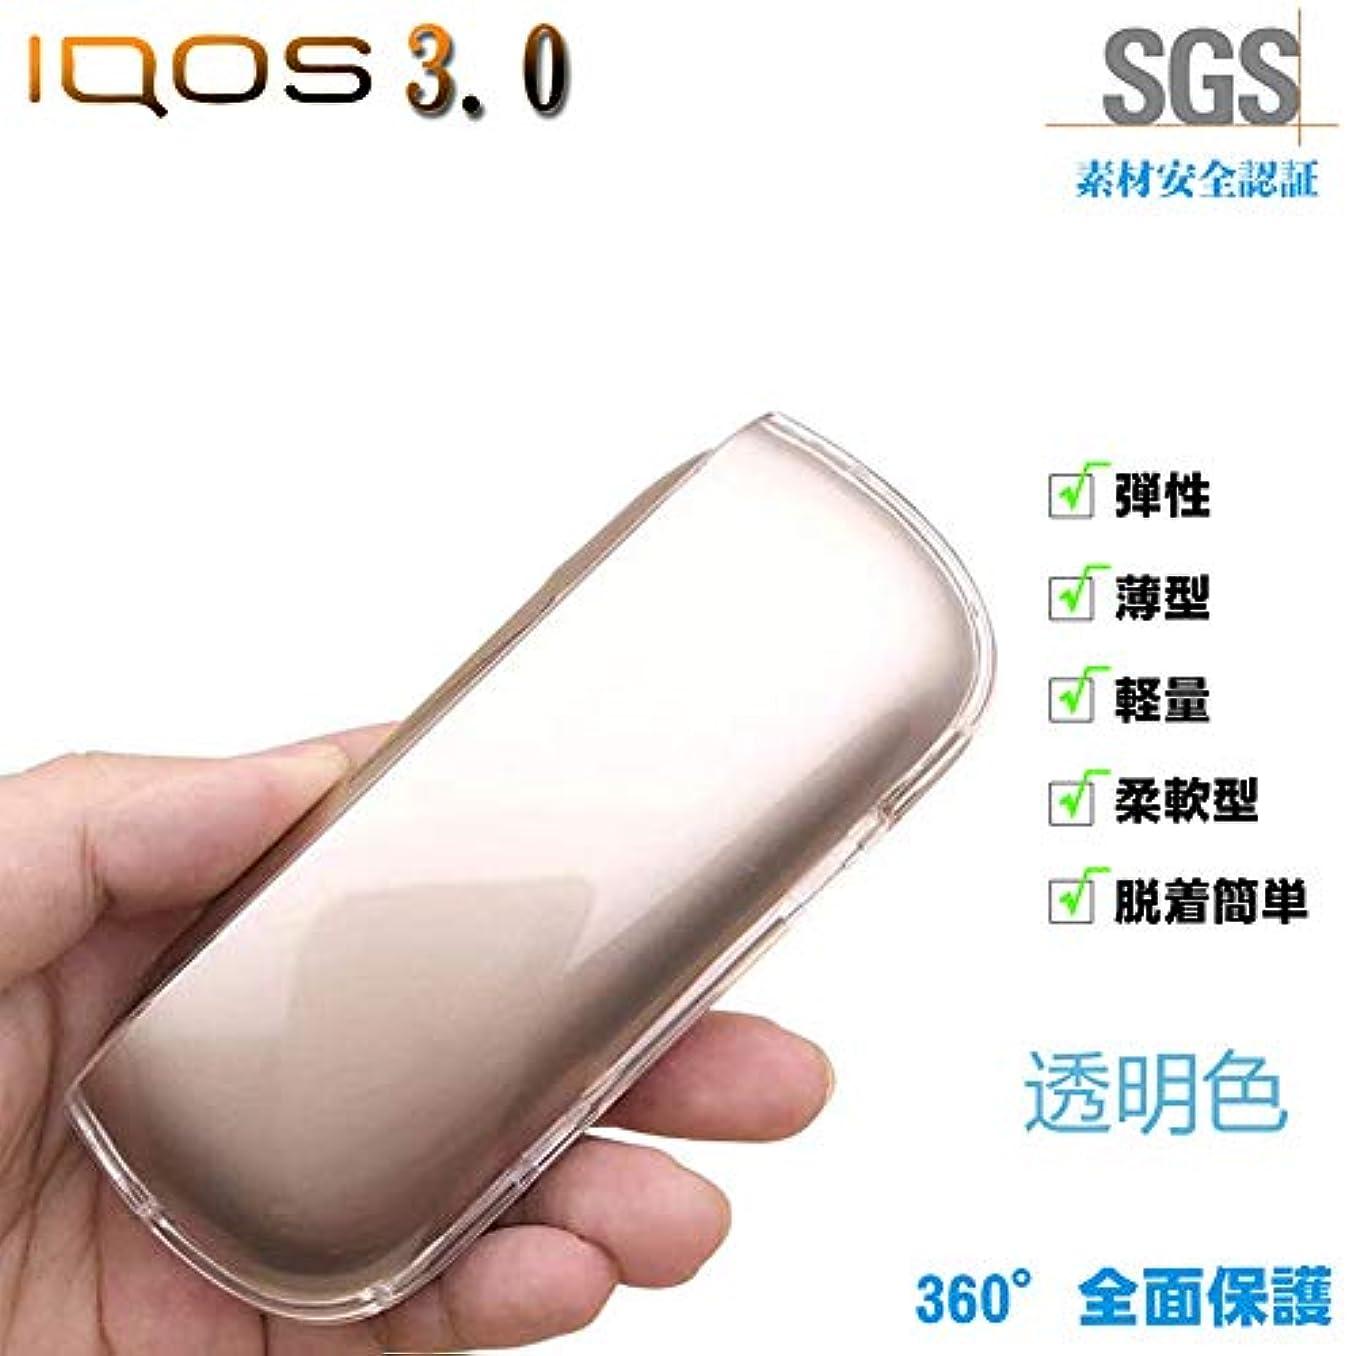 最高和チャペルIQOS 3.0 アイコス ケース 新型 iqos3 対応 ケース カバー 完全保護 薄い 軽量 最新型 (透明色) (透明色(柔らかい))